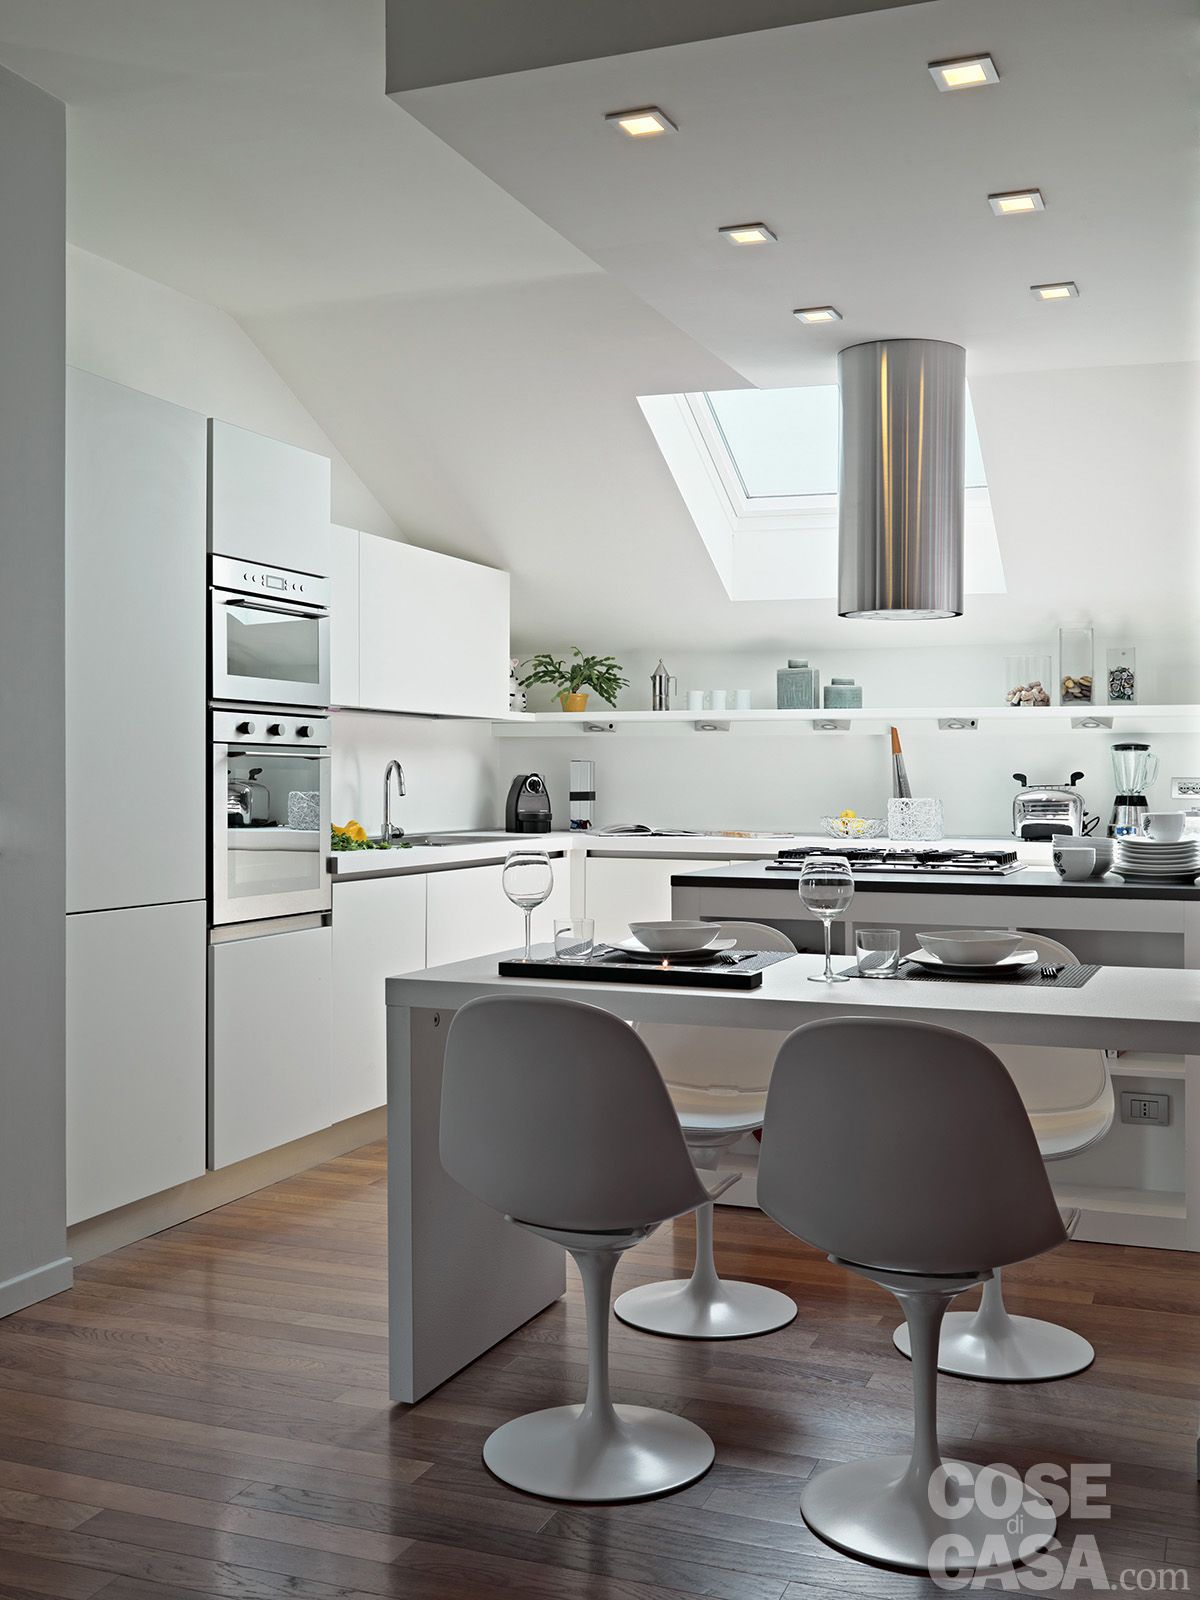 Colori Pareti Cucina Bianca E Grigia : Colori camera da letto moderna ...